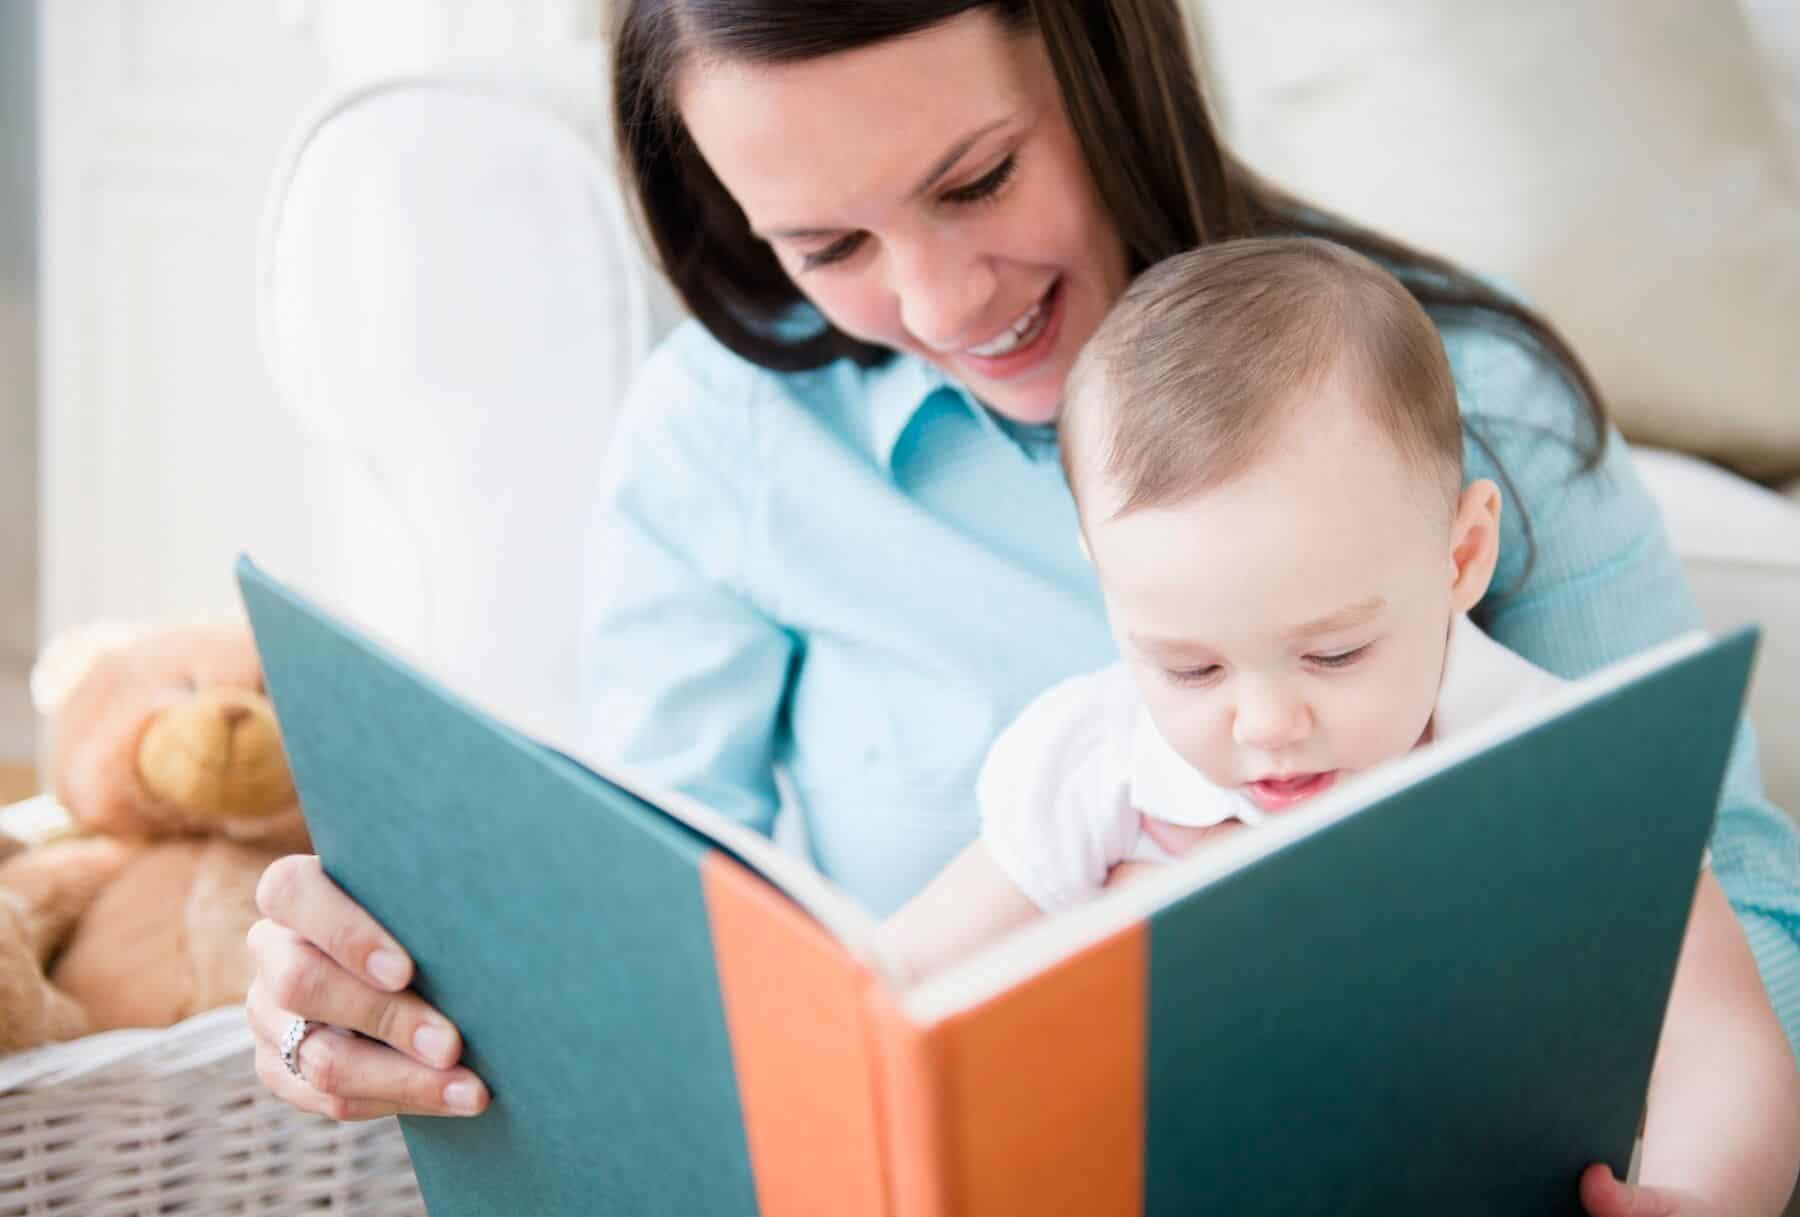 cách nuôi dạy trẻ từ 0 đến 6 tháng tuổi